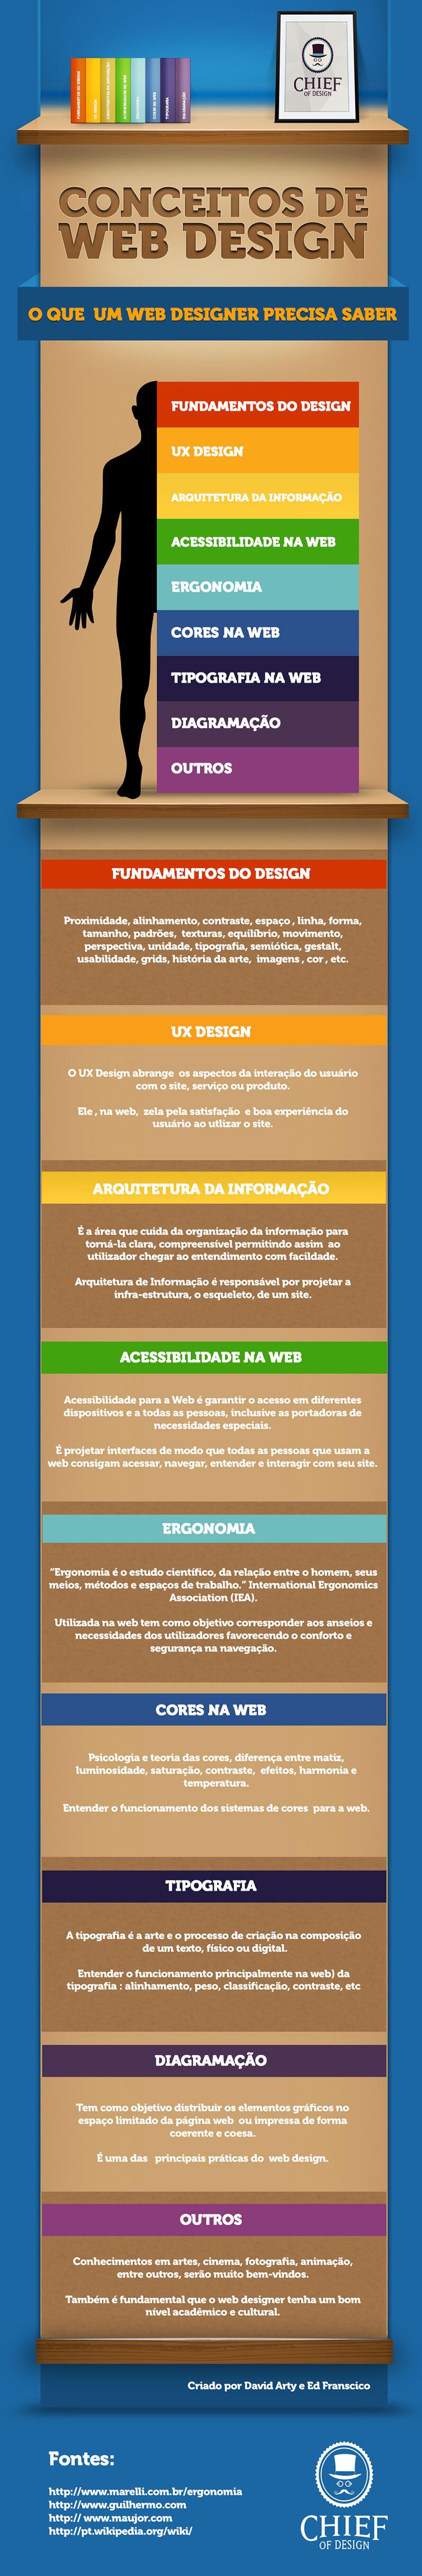 infografico conceitos de web-design